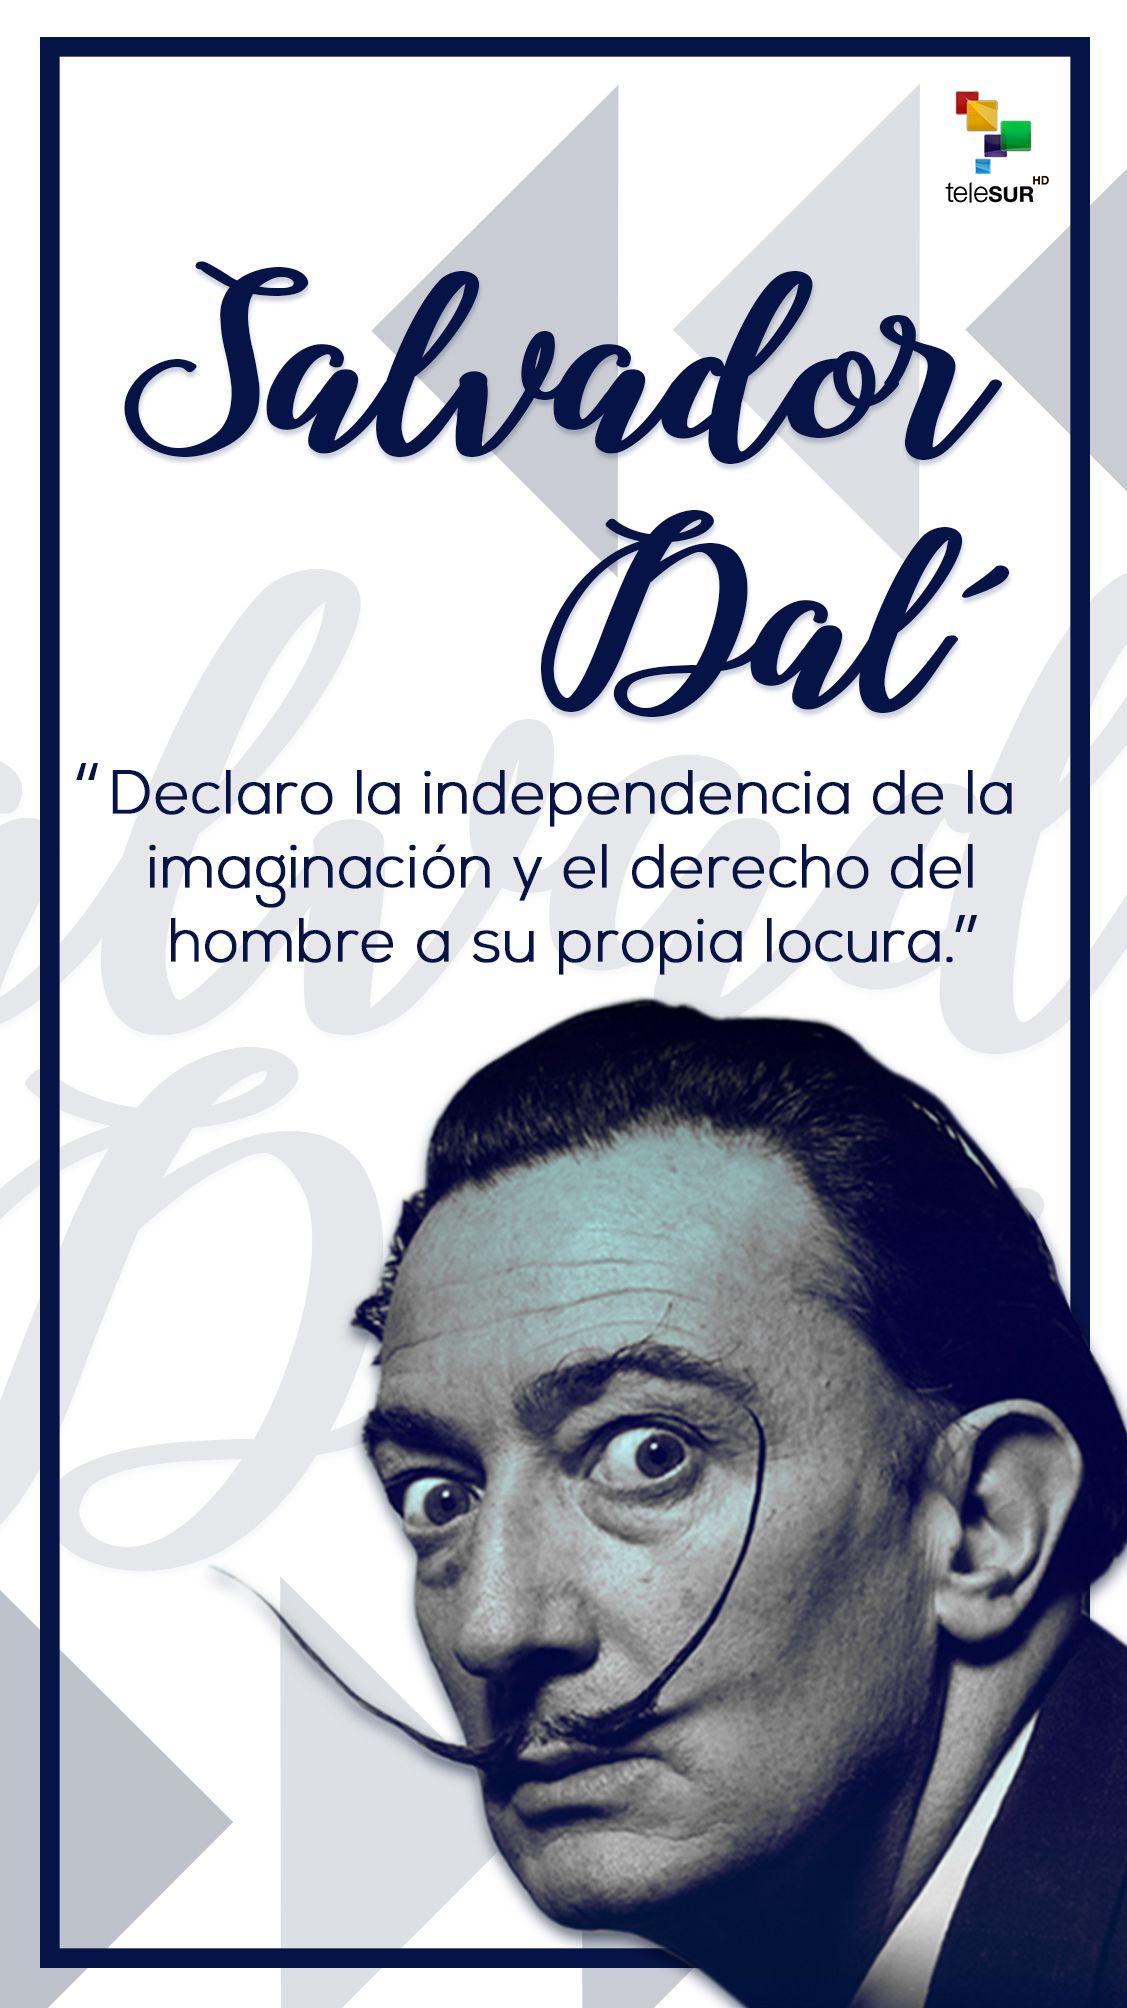 Salvador Dalí Salvador Dalí Frases De Salvador Dalí Dalí